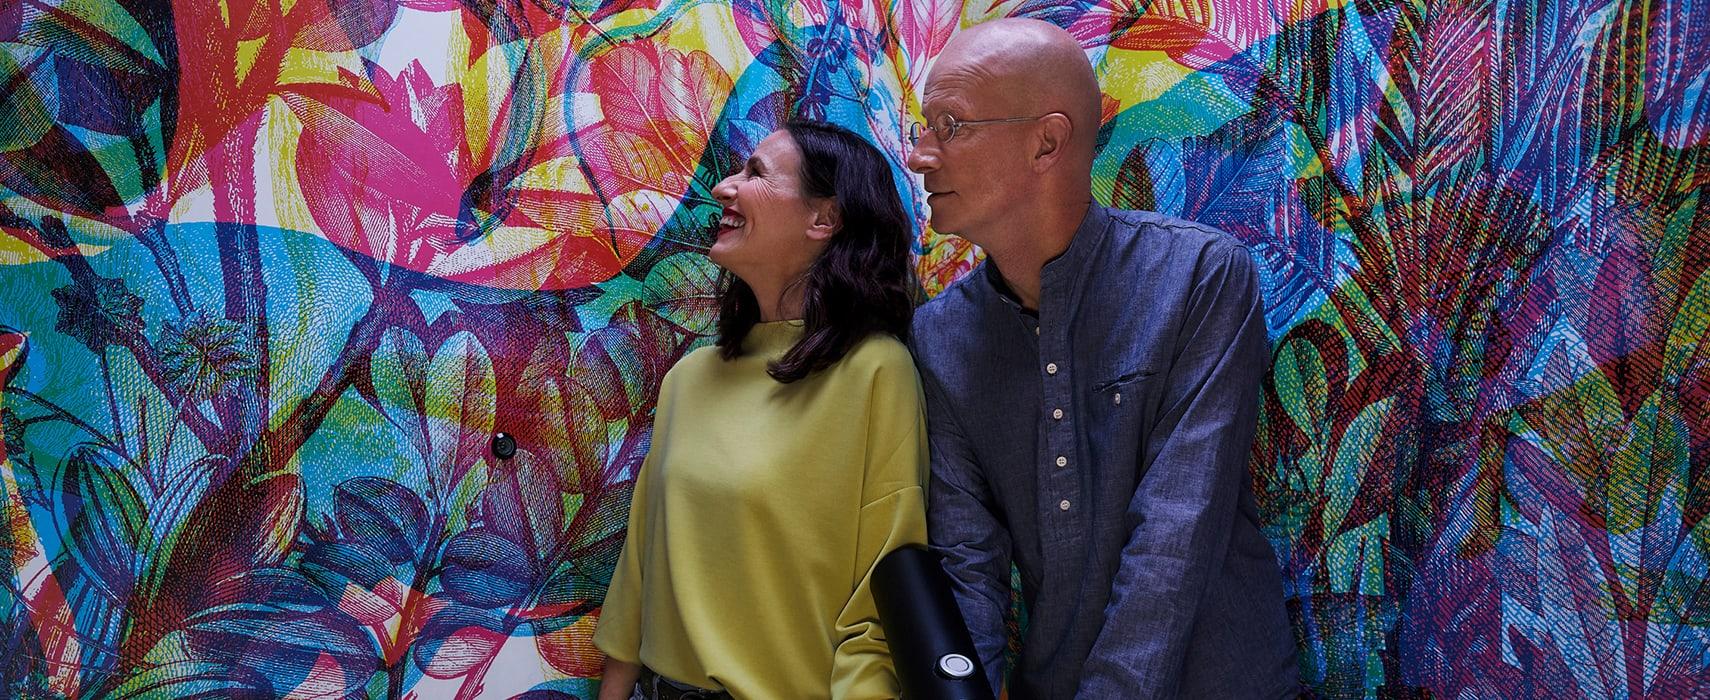 Zwei Personen stehen vor einer Grafittiwand